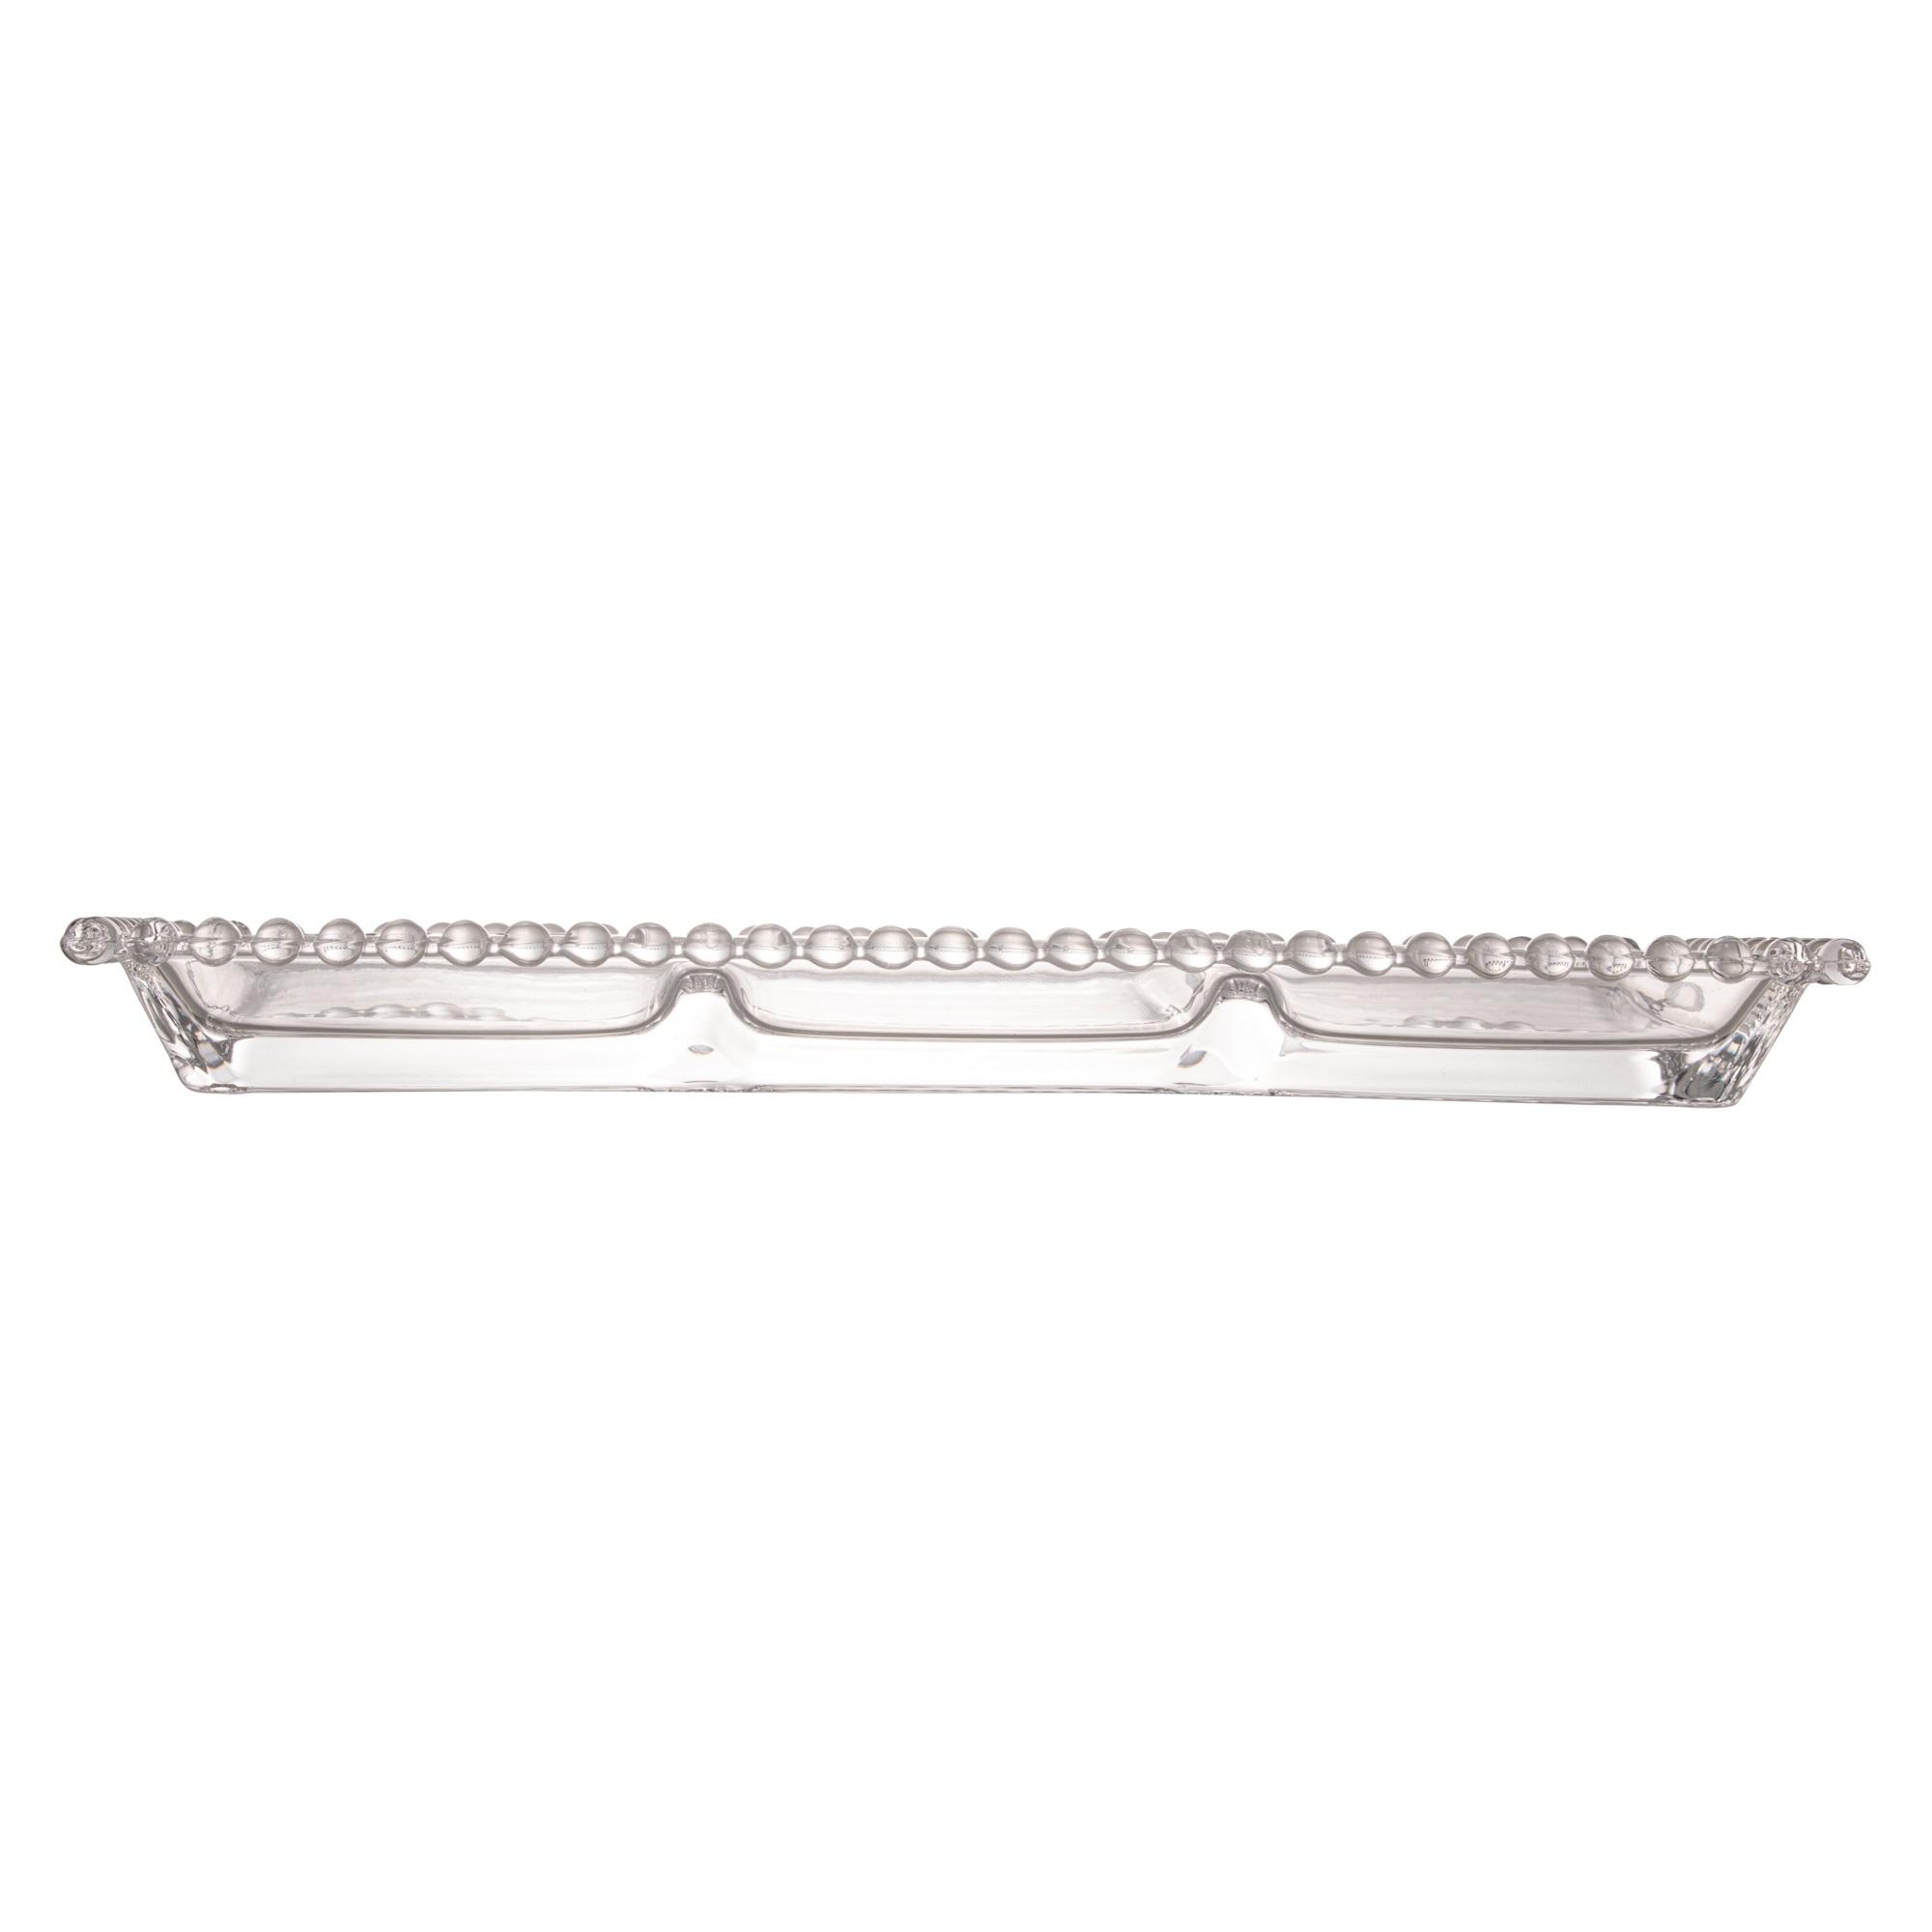 Petisqueira Retangular 3 Divisões em Cristal com Borda de Bolinha 30x13x3cm